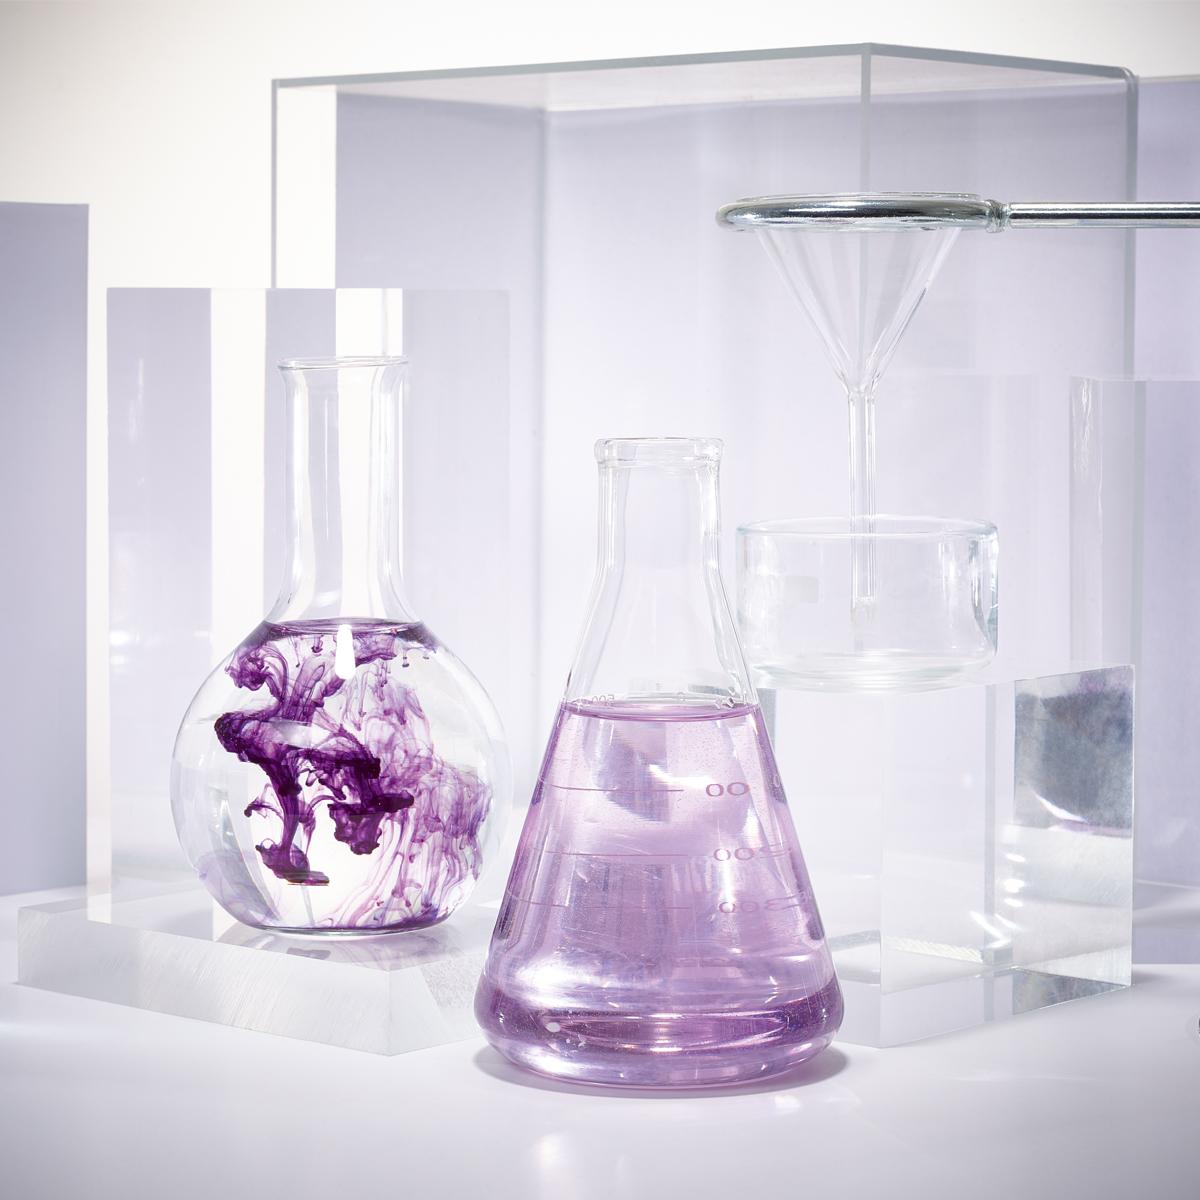 Наука быть молодой: инновационное научное открытие в области антивозрастных средств - NovAge Ultimate Lift от Орифлэйм